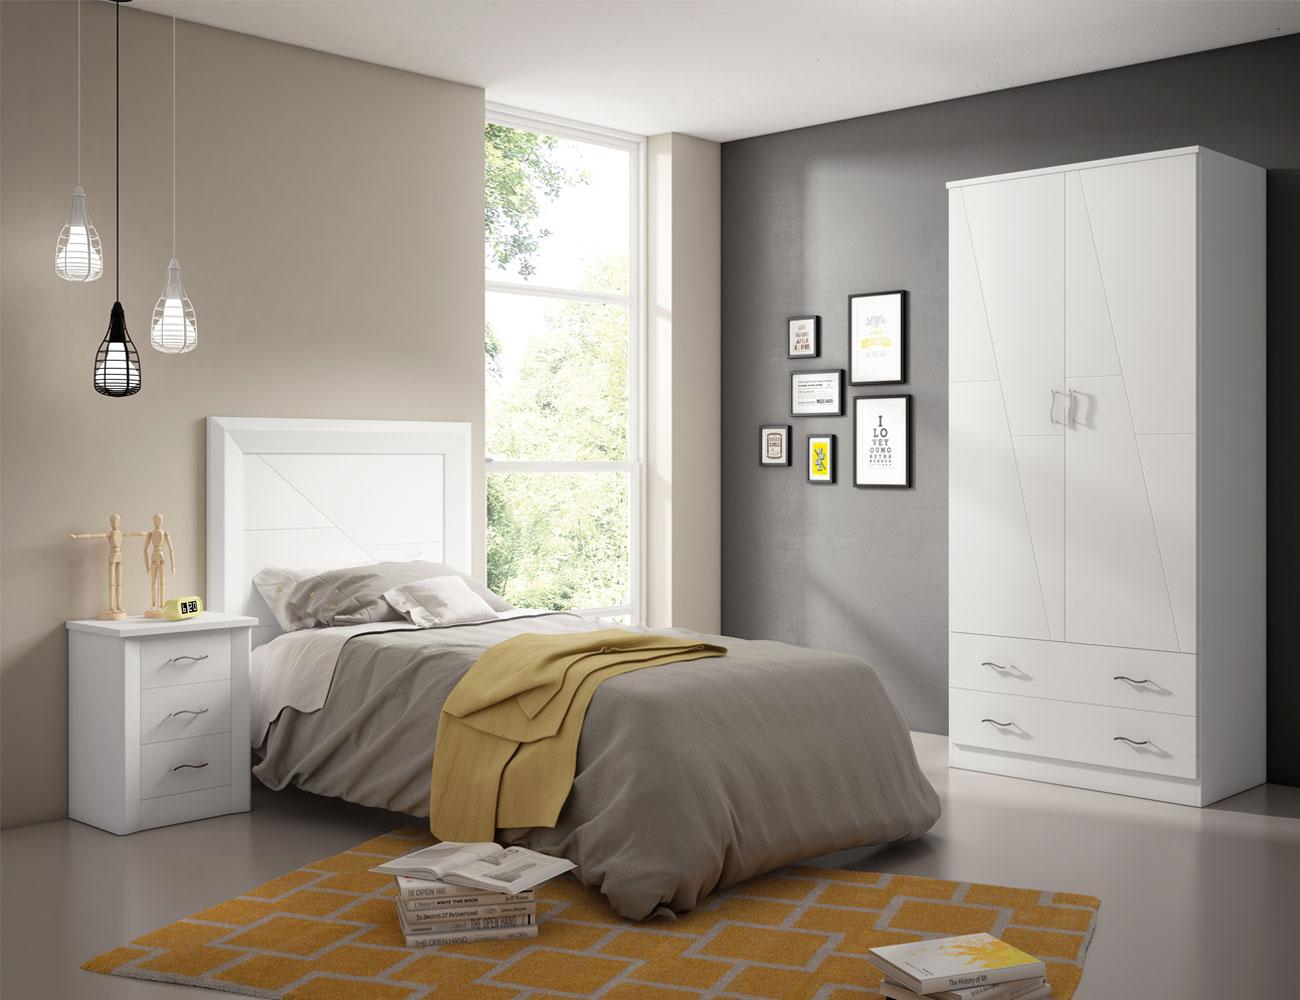 5 dormitorio juvenil madera blanco lacado1